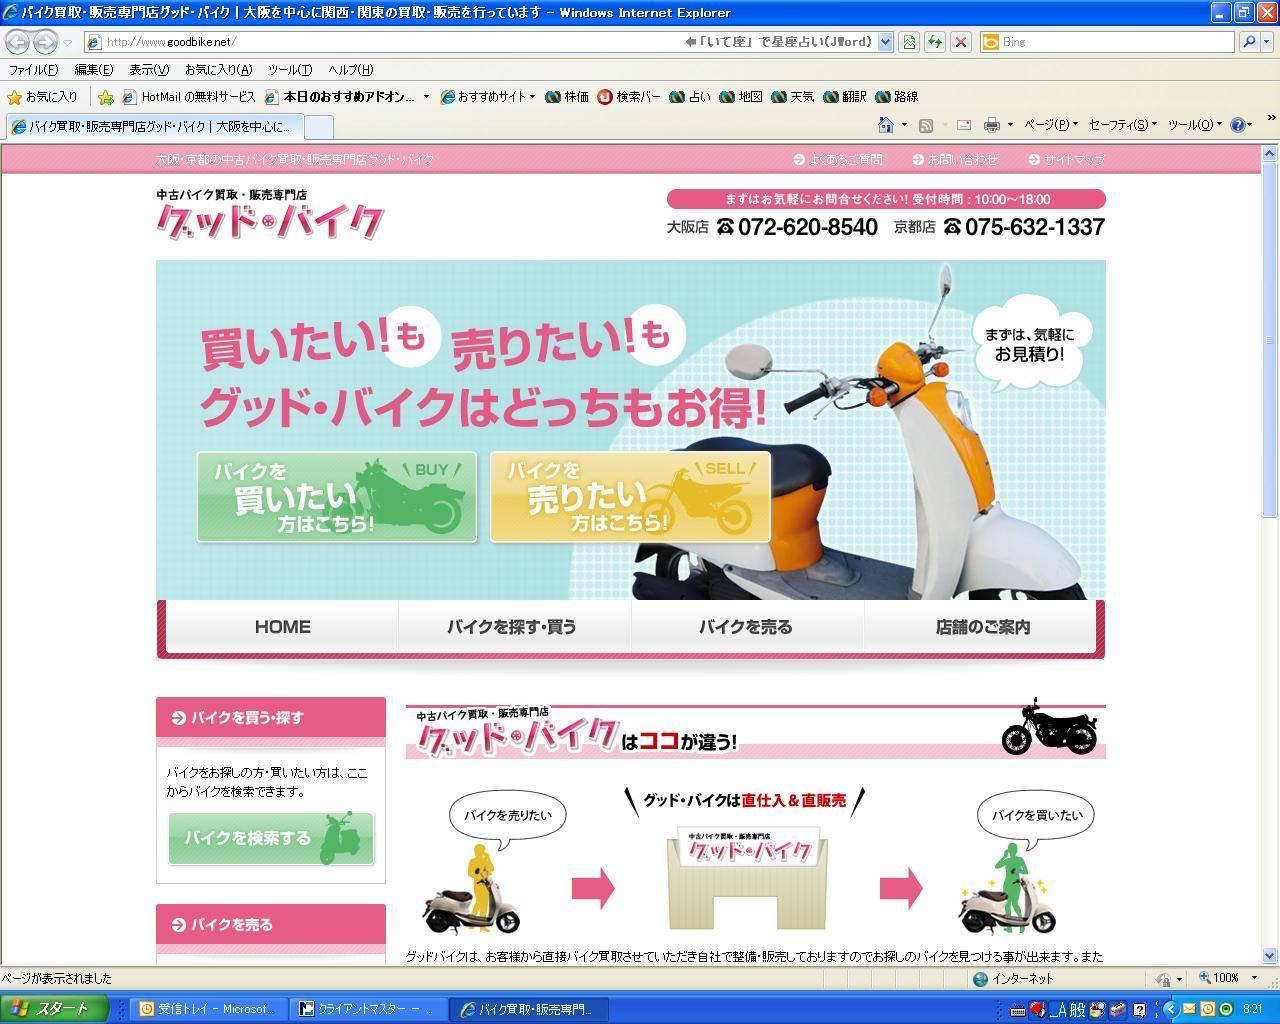 グッド・バイク 京都店